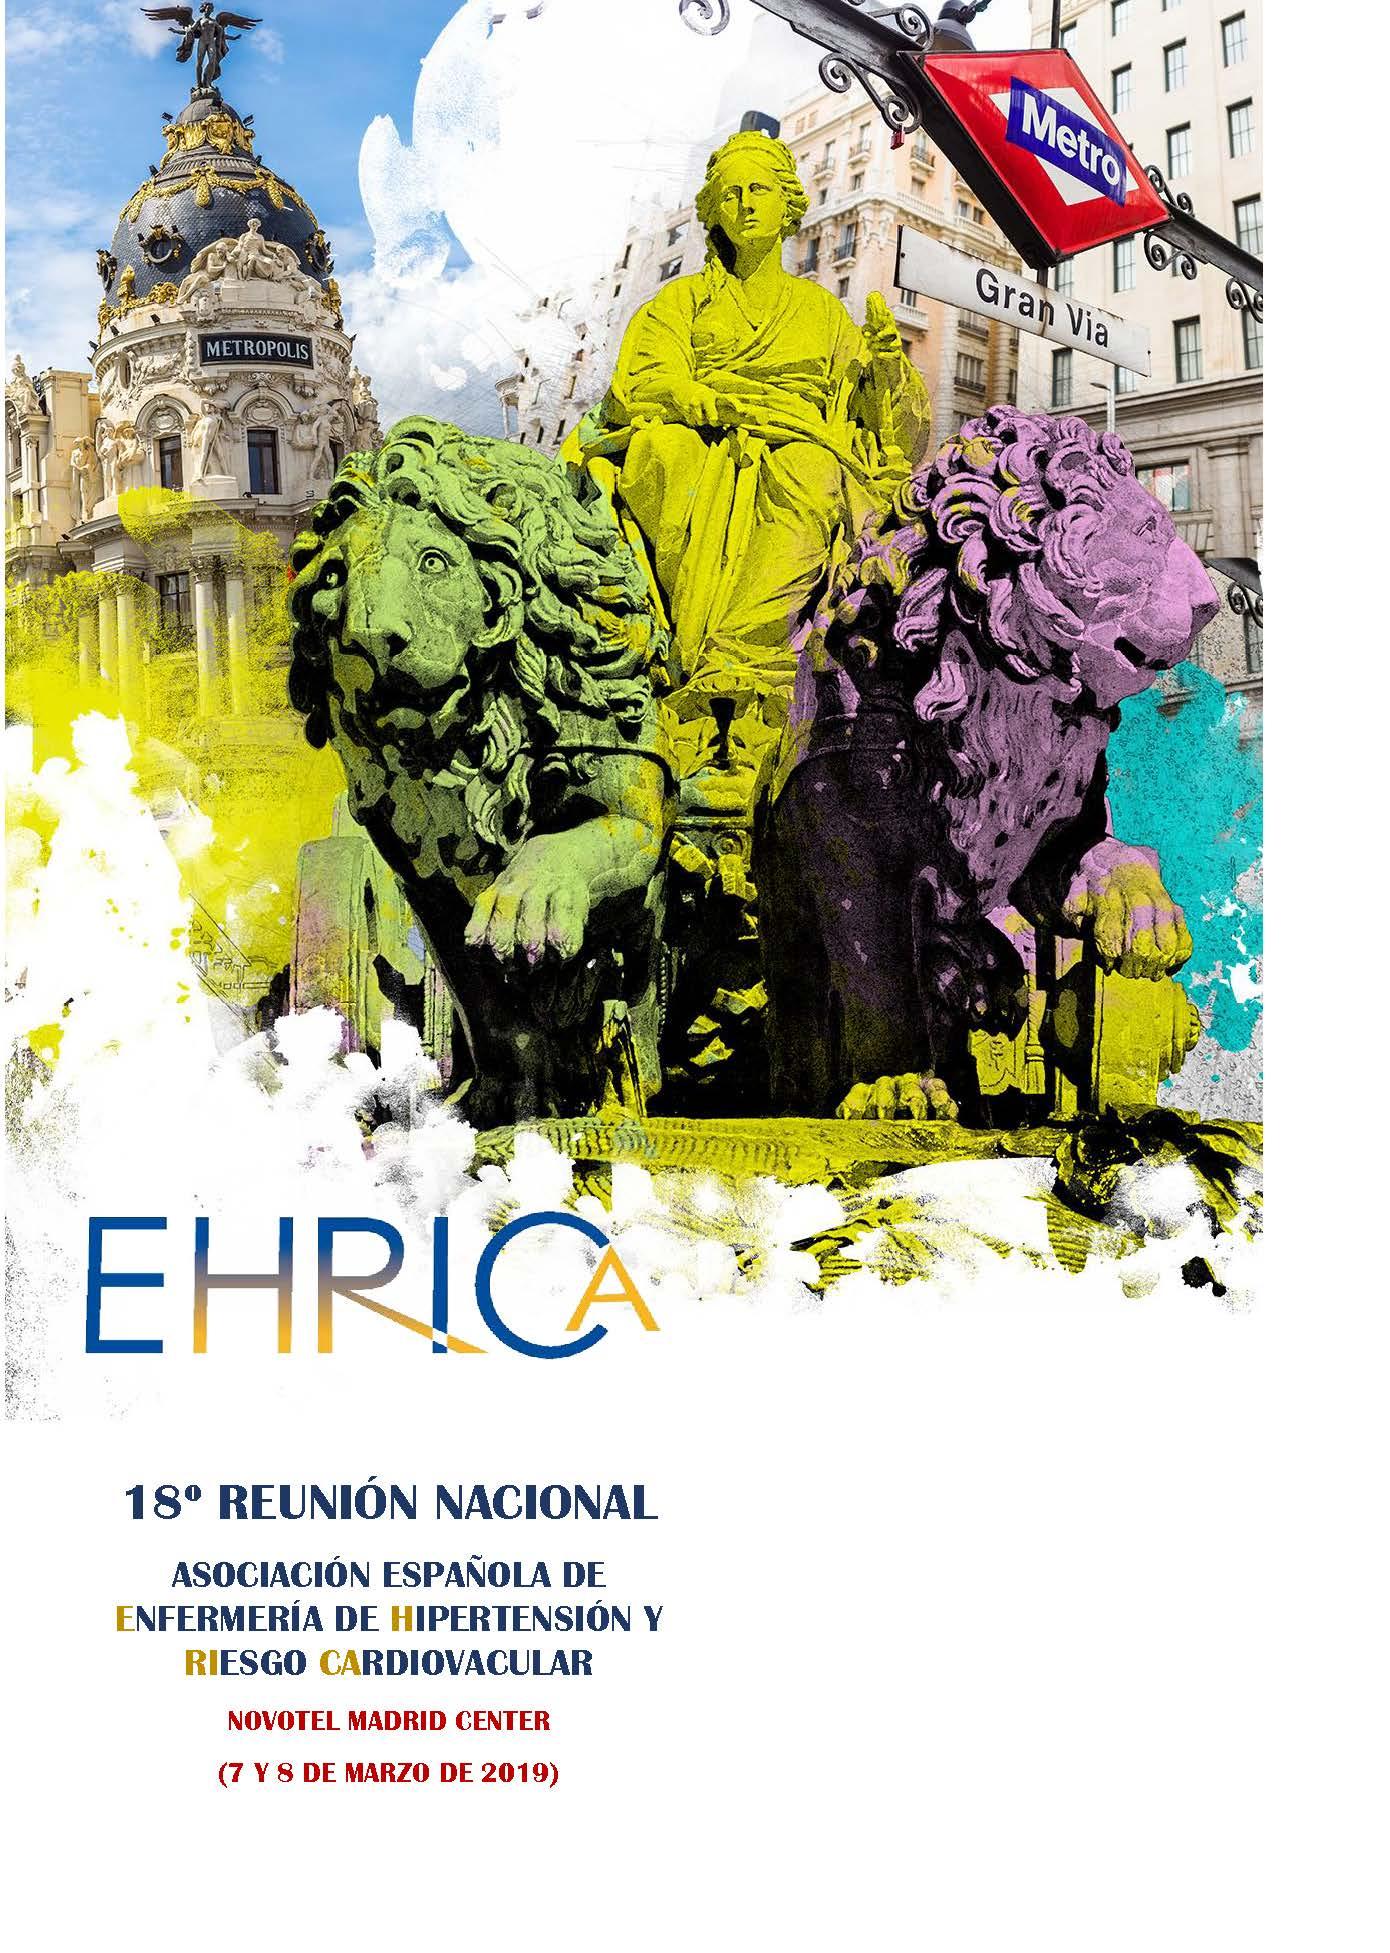 Cartel de la 18ª Reunión Nacional EHRICA